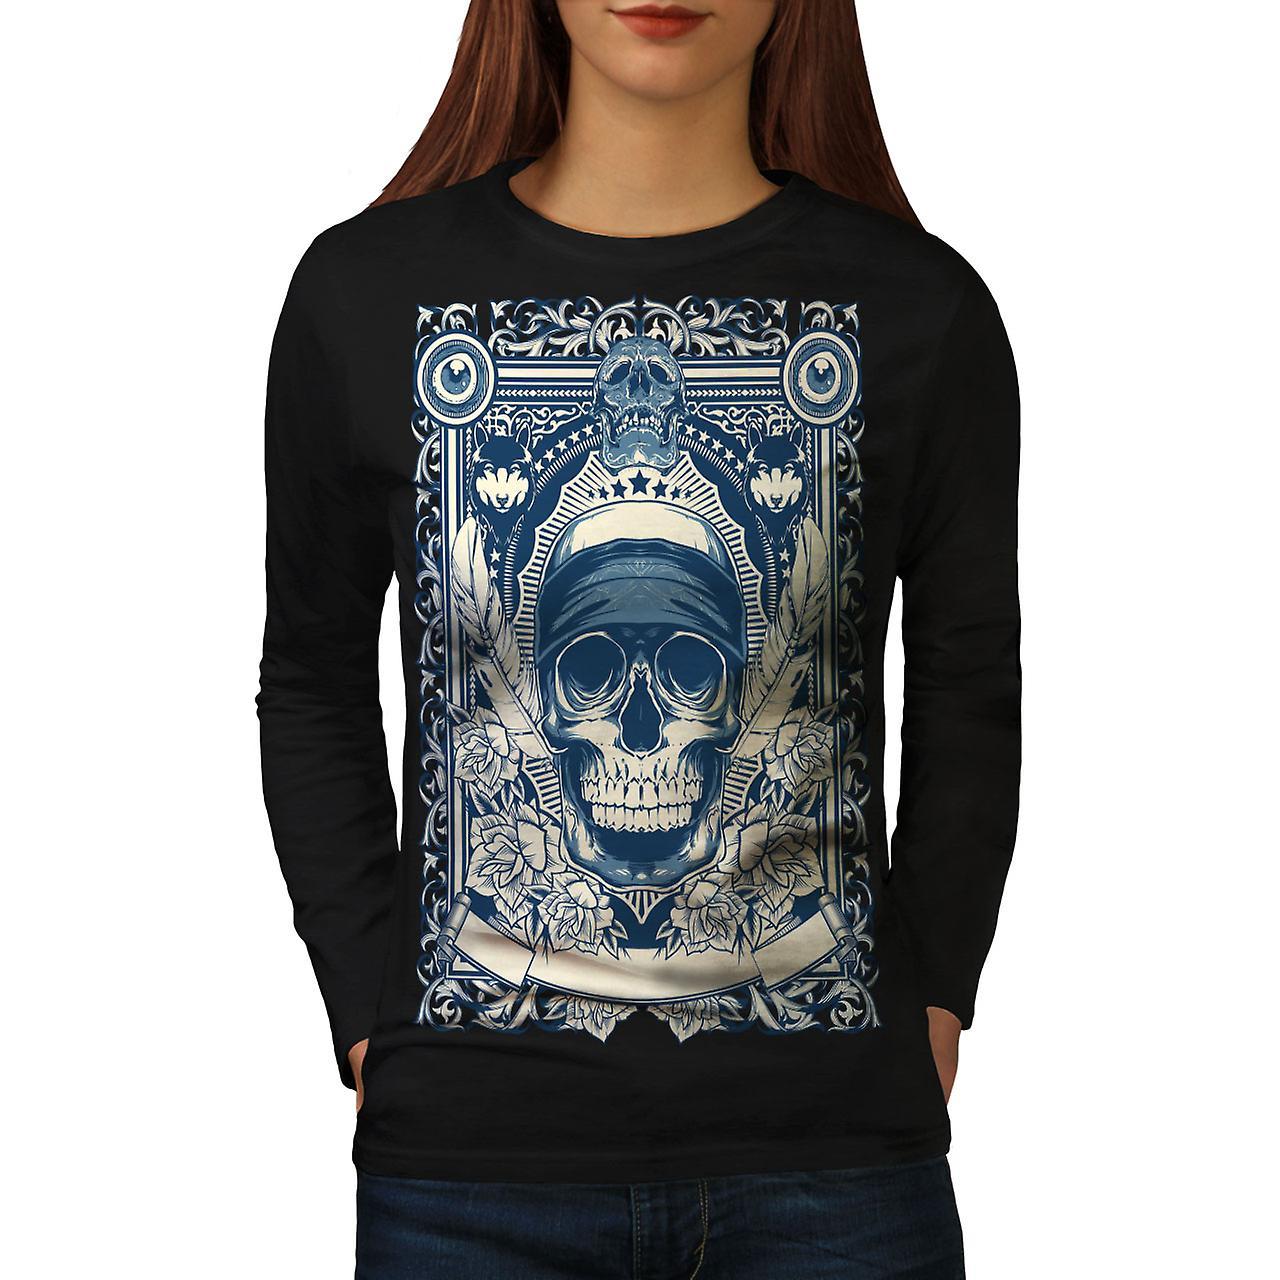 Dag dood doezelen T-shirt van de koker van de BlackLong van de vrouwen van schedel | Wellcoda